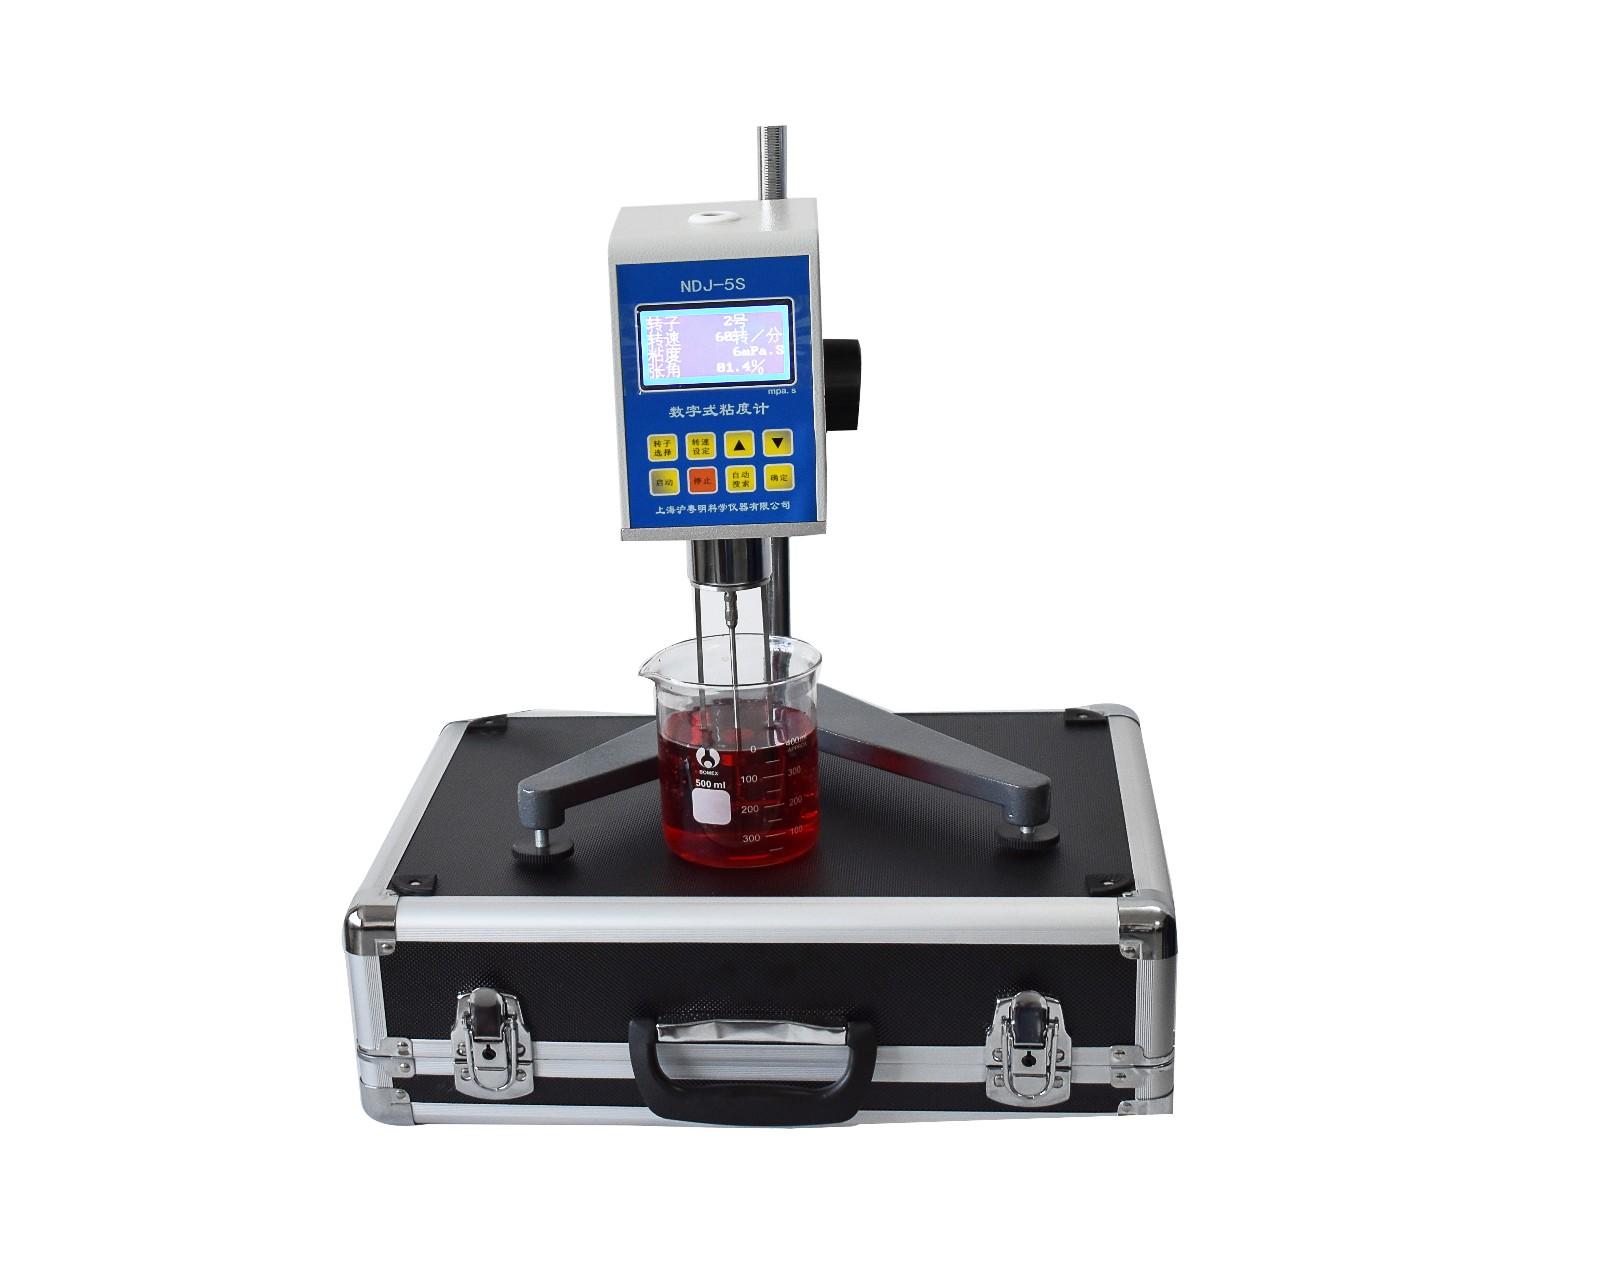 沪粤明新产品NDJ-5S数显旋转粘度计促销